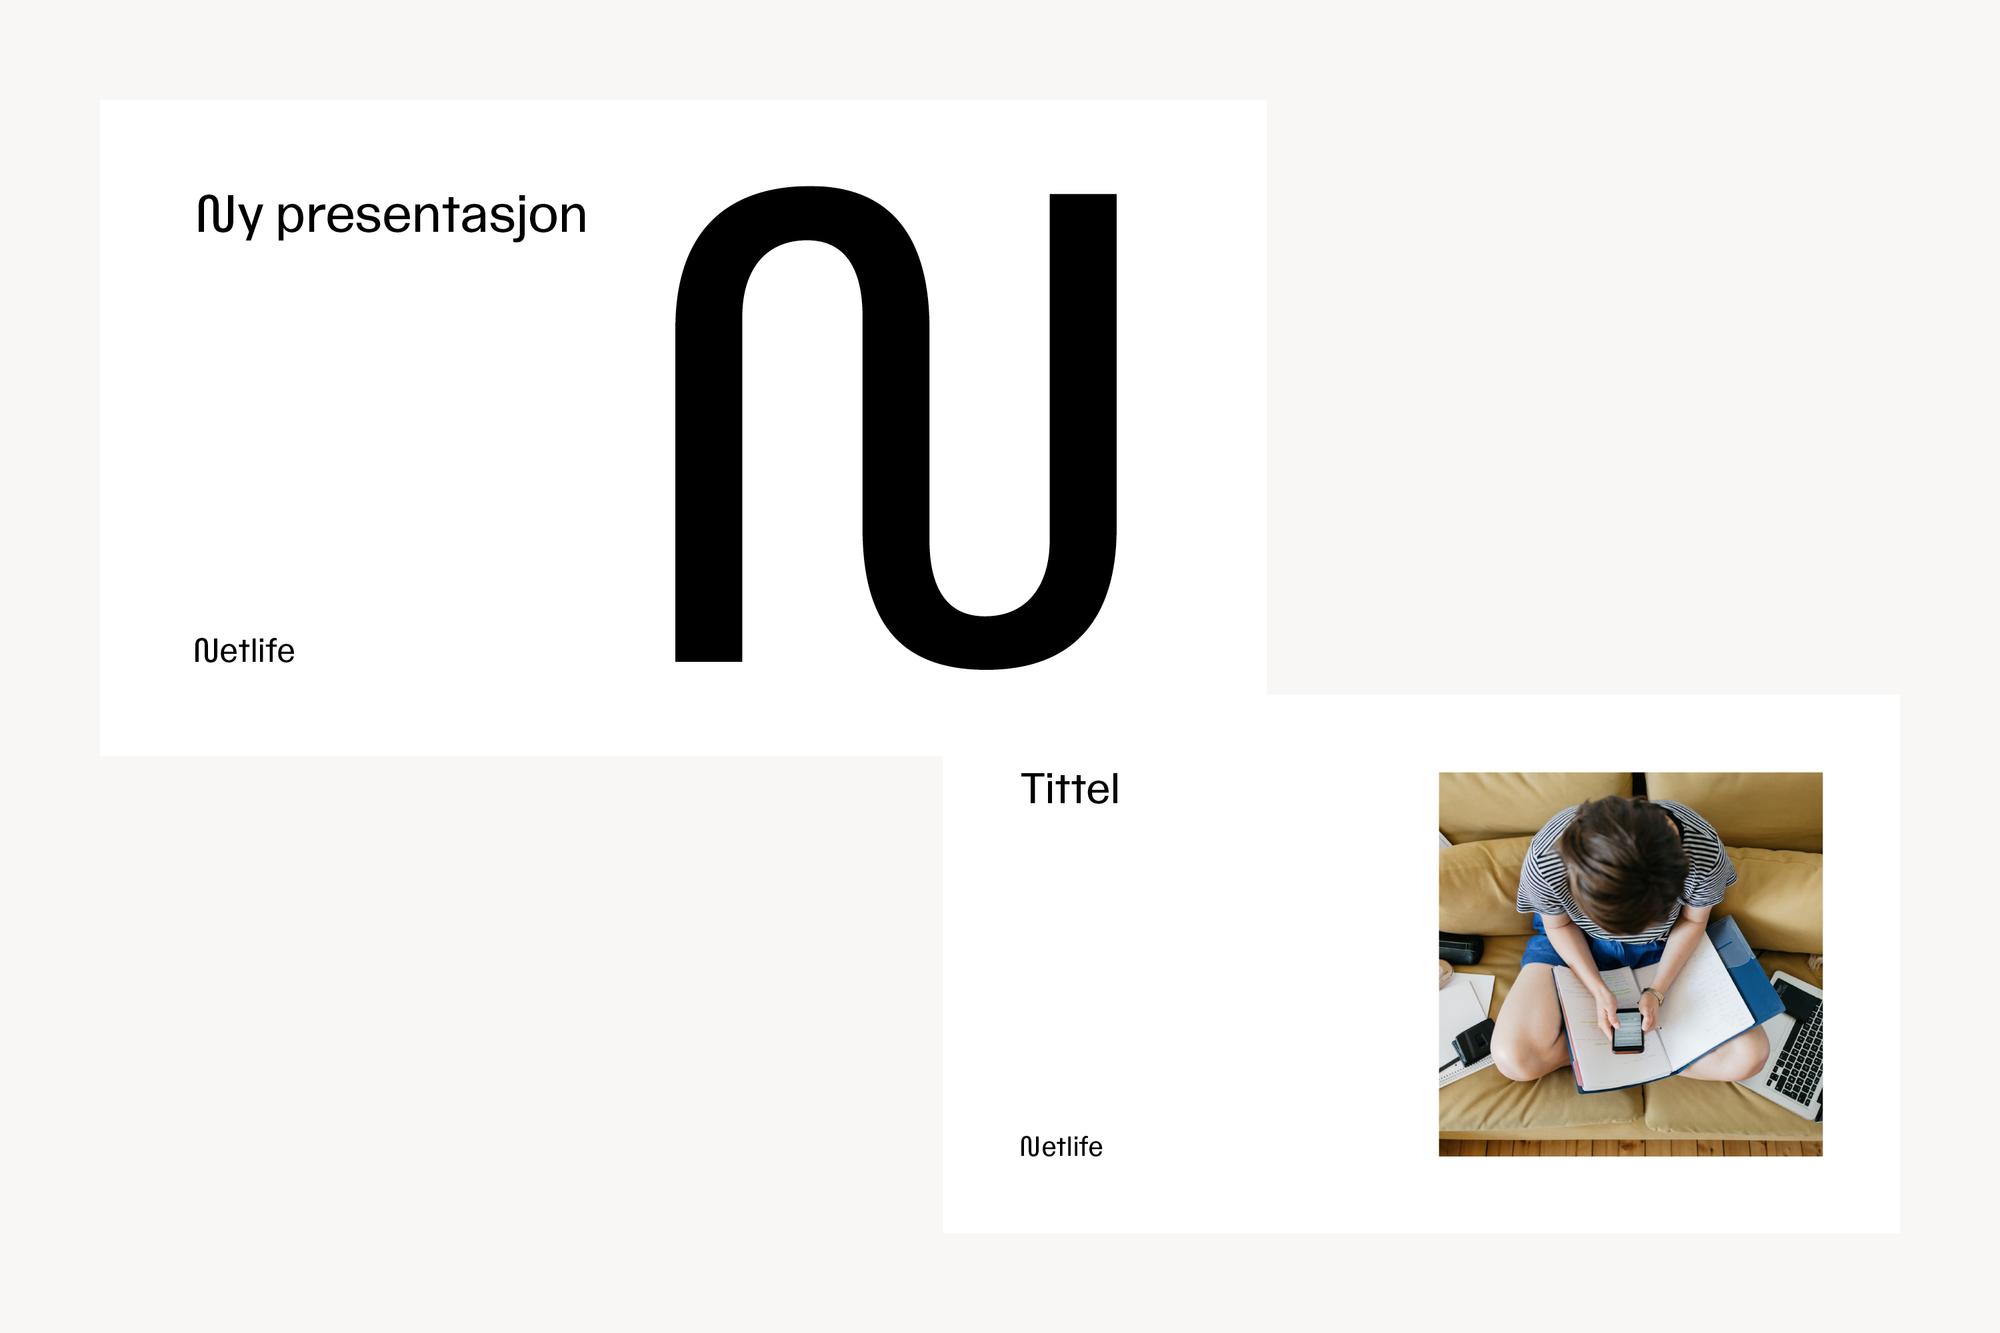 Eksempel på to forsider med bilde og logosymbol